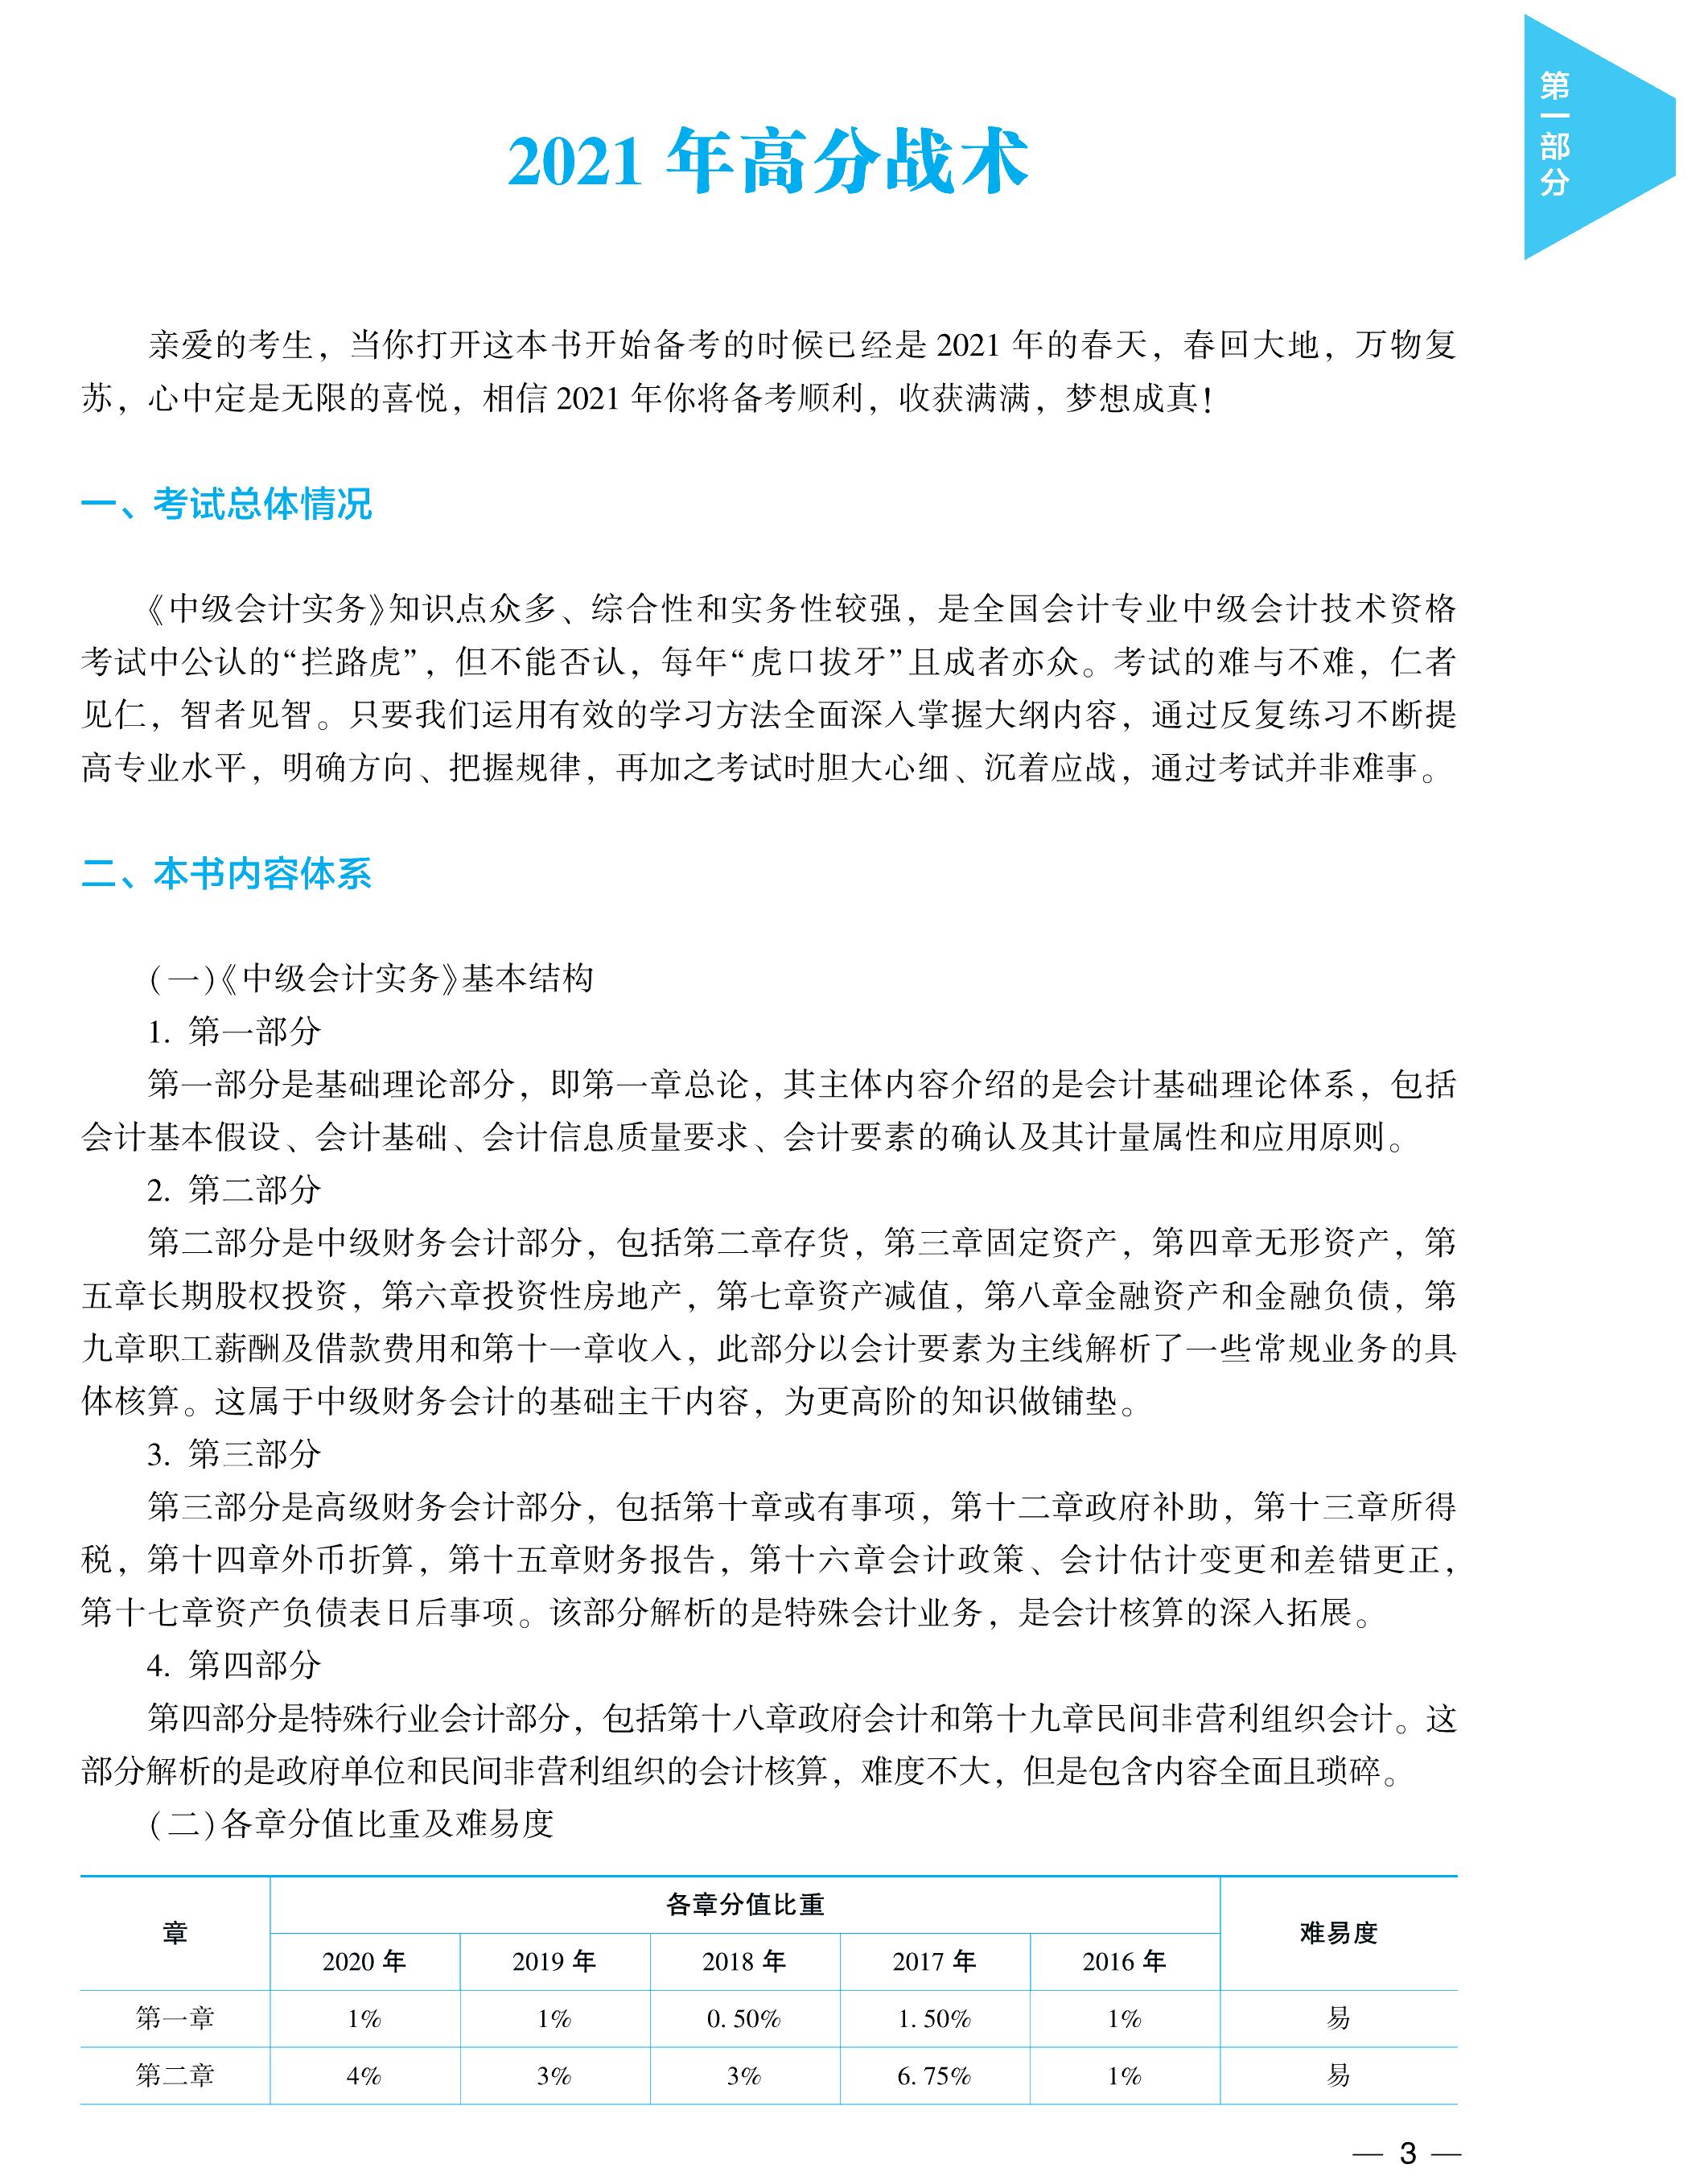 2021高志谦主编中级会计实务《应试指南》免费试读